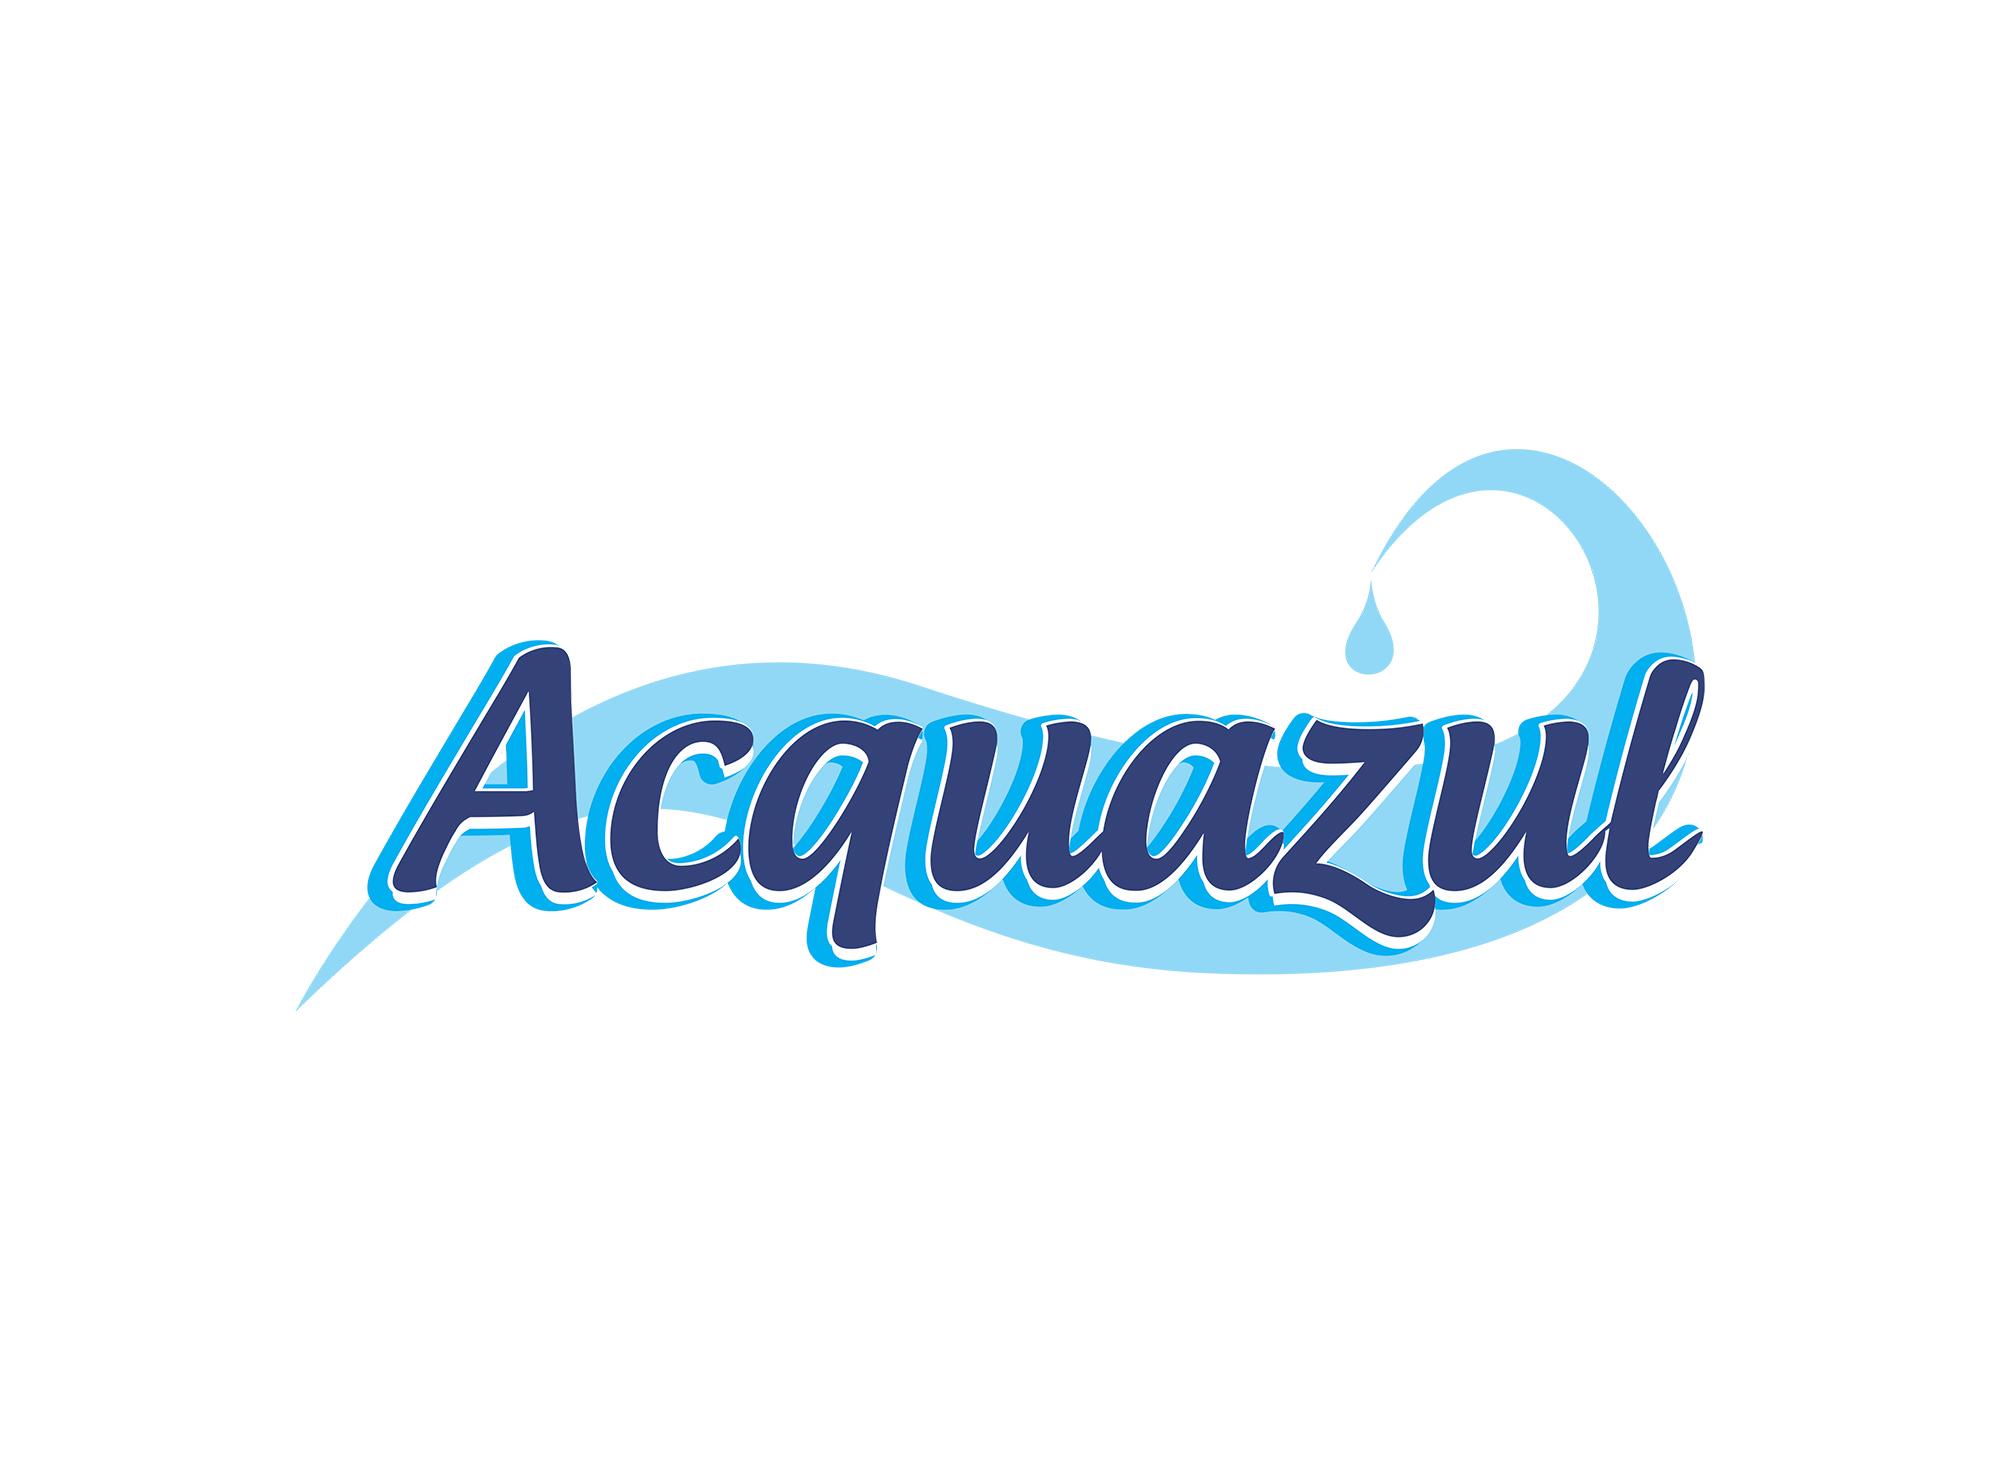 acquazulj-clientes-atendidos-agencia-diretriz-digital-marketing-fortaleza